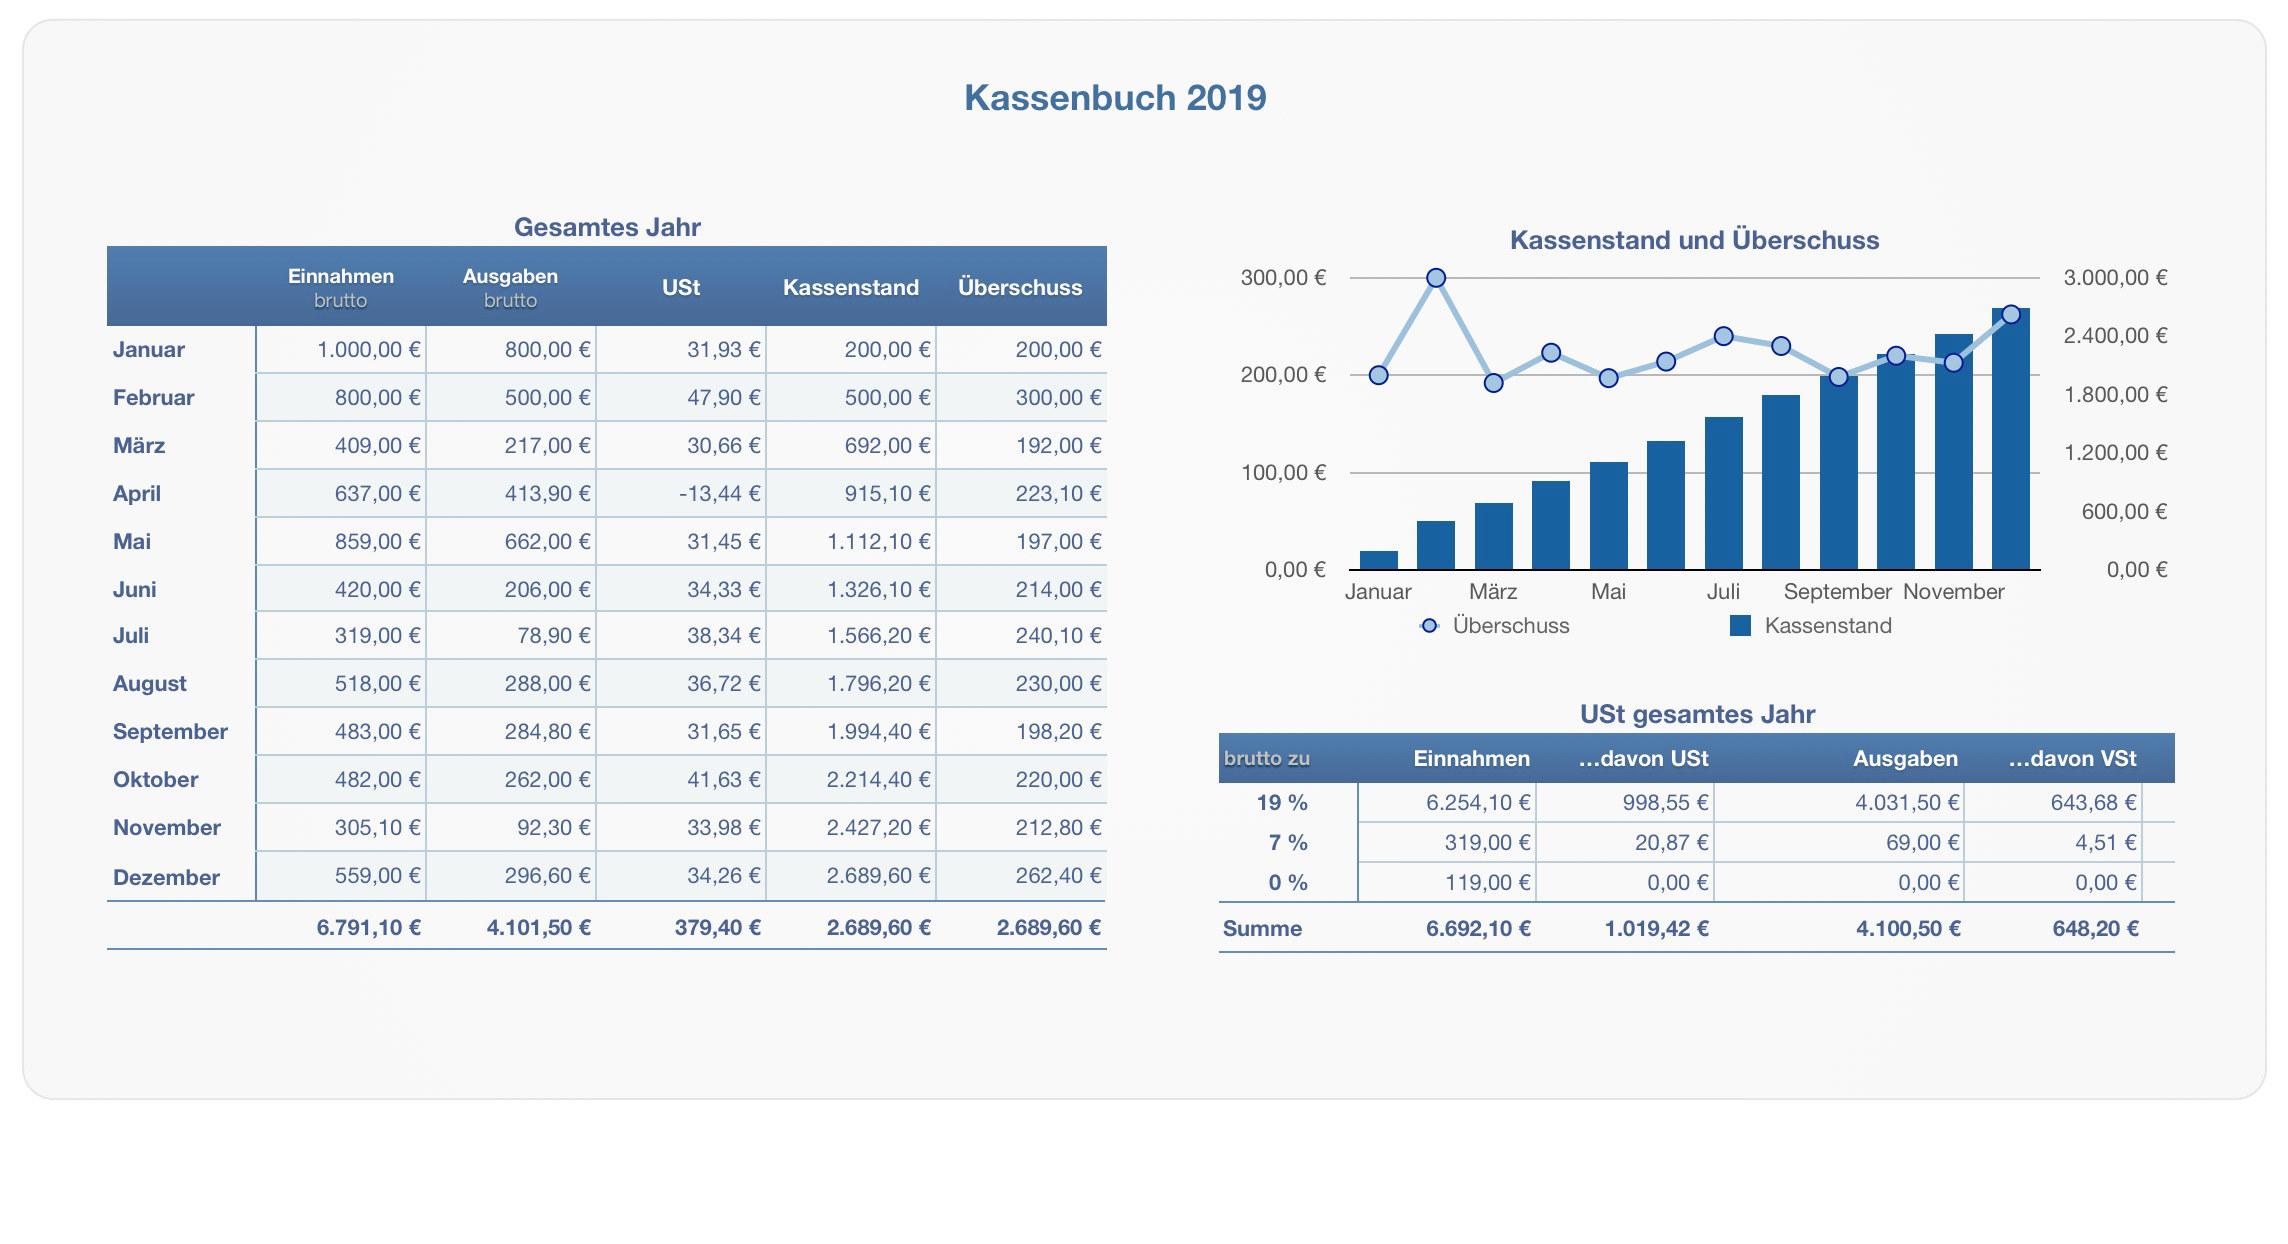 Numbers Vorlage Kassenbuch 2019 Mit Ust Numbersvorlagen De